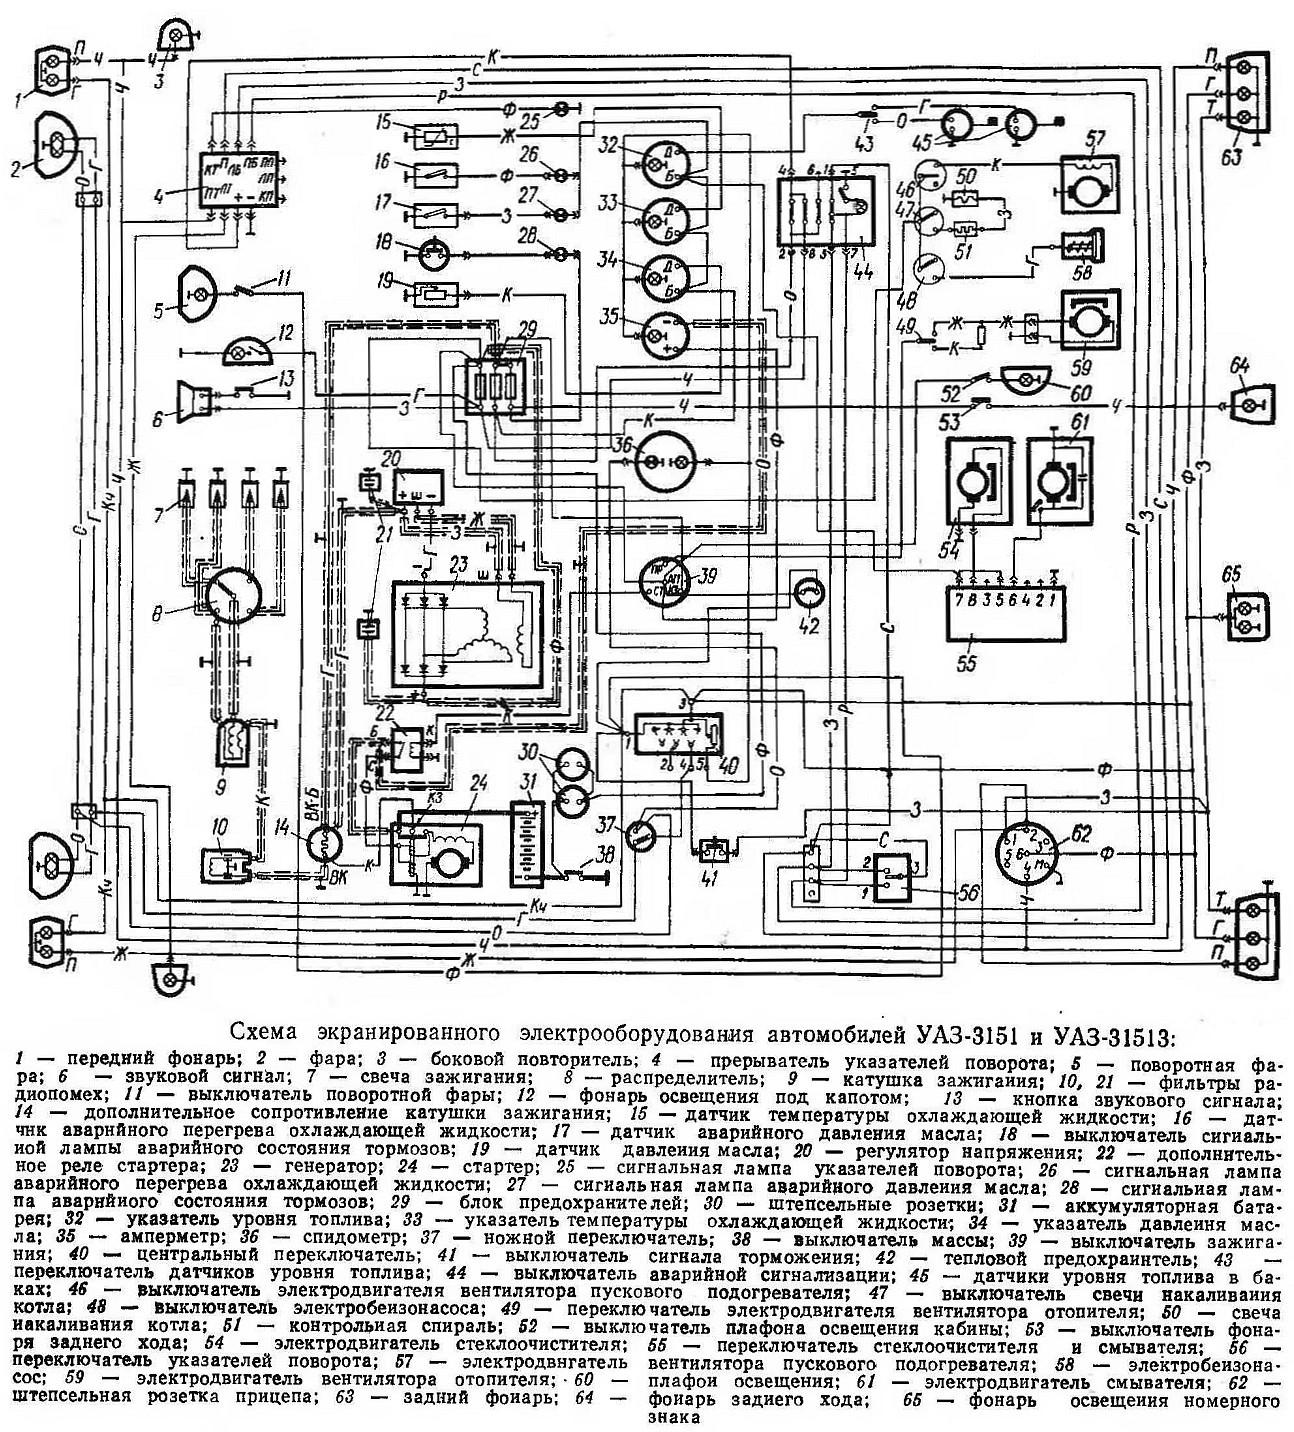 уаз 469 зажигание контактное схема